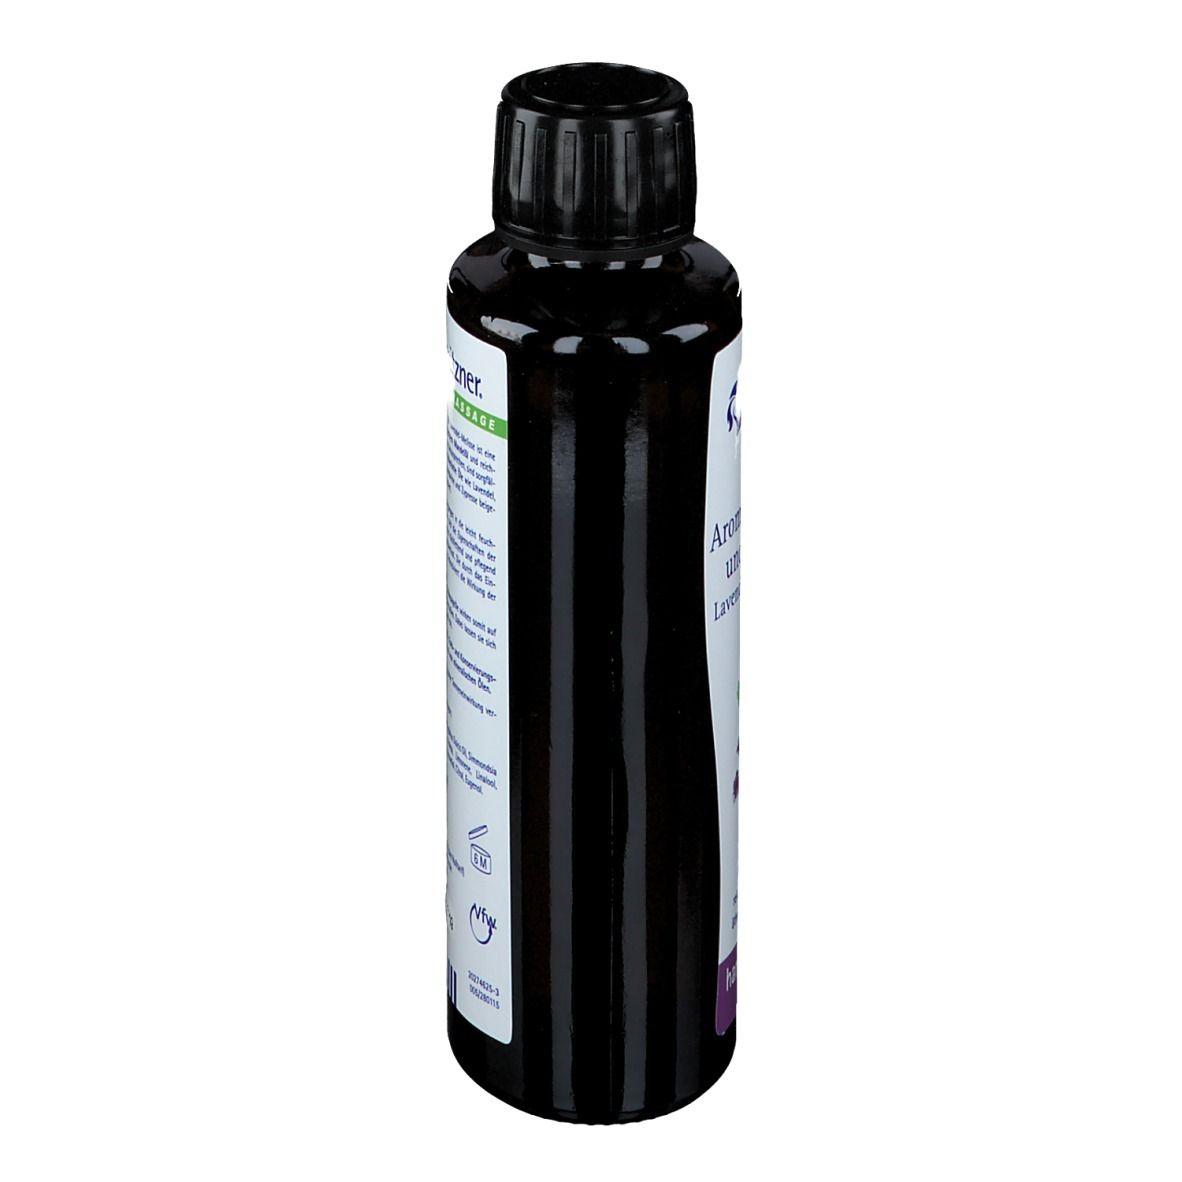 Spitzner® Haut- und Massageöl Lavendel Melisse